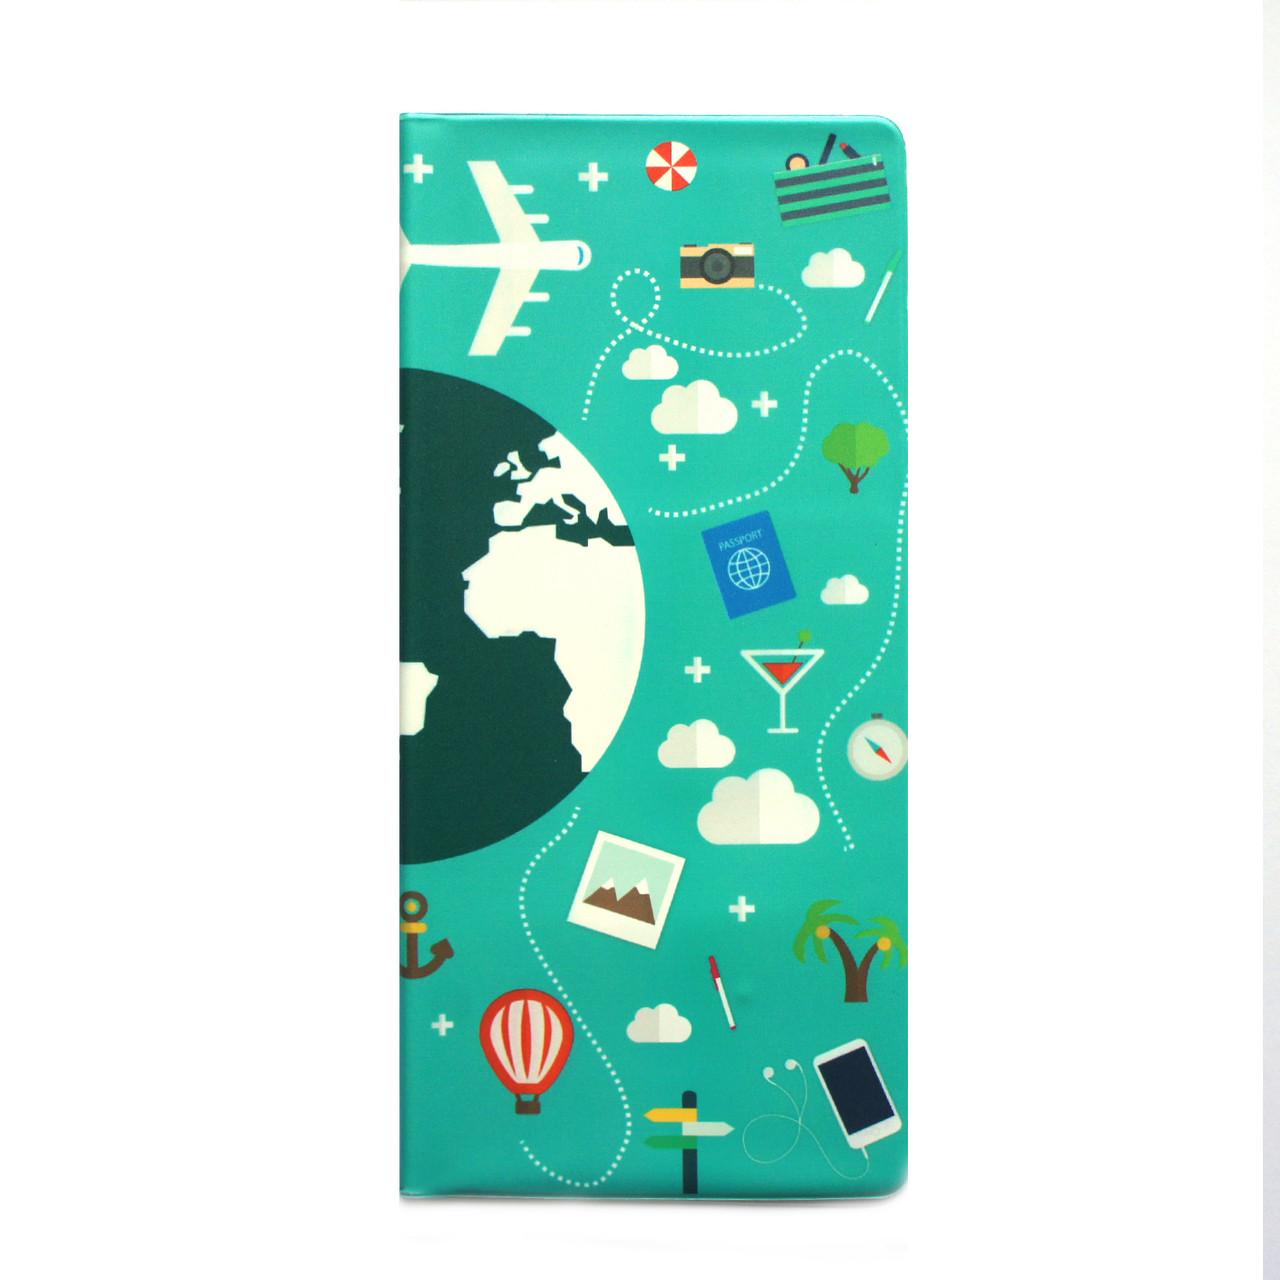 """Турконверт ZIZ """"Глобус"""" - Интернет-магазин АКБ (подарки и сувениры, декор и посуда) в Киеве"""